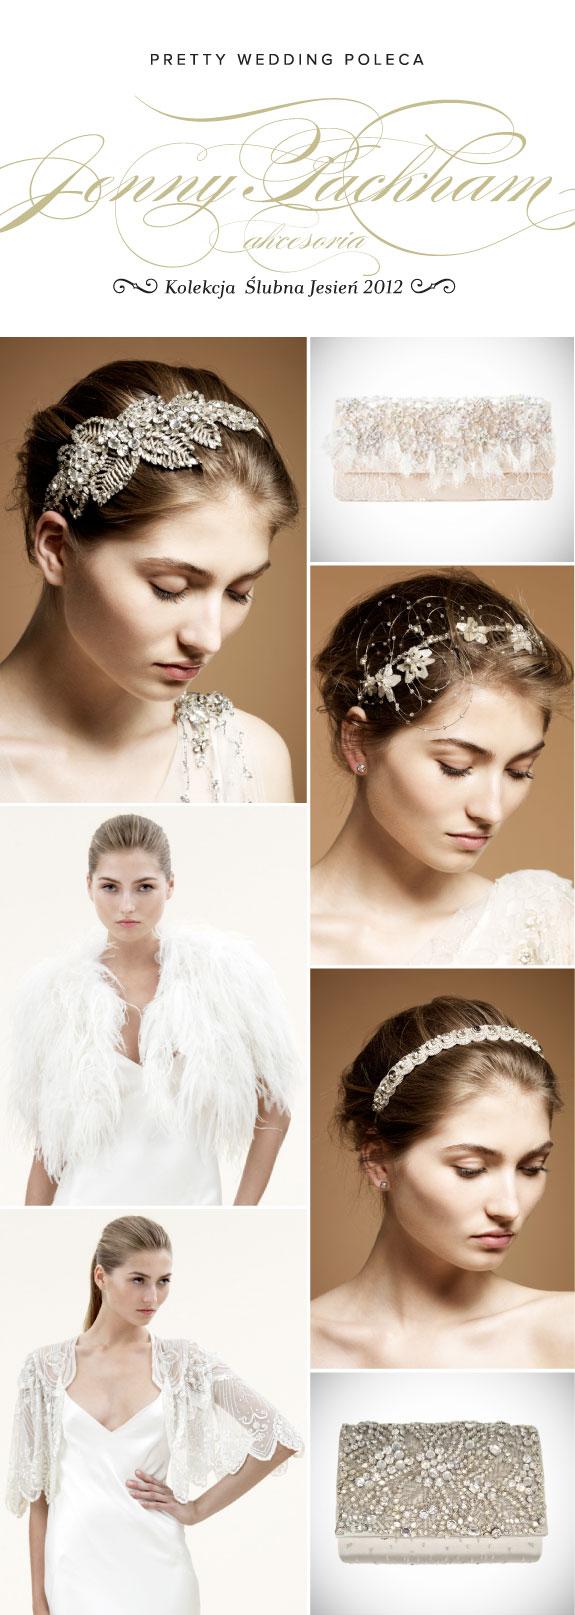 Opaski na włosy na ślub, bolerka, paski do sukni ślubnych, biżuteria ślubna